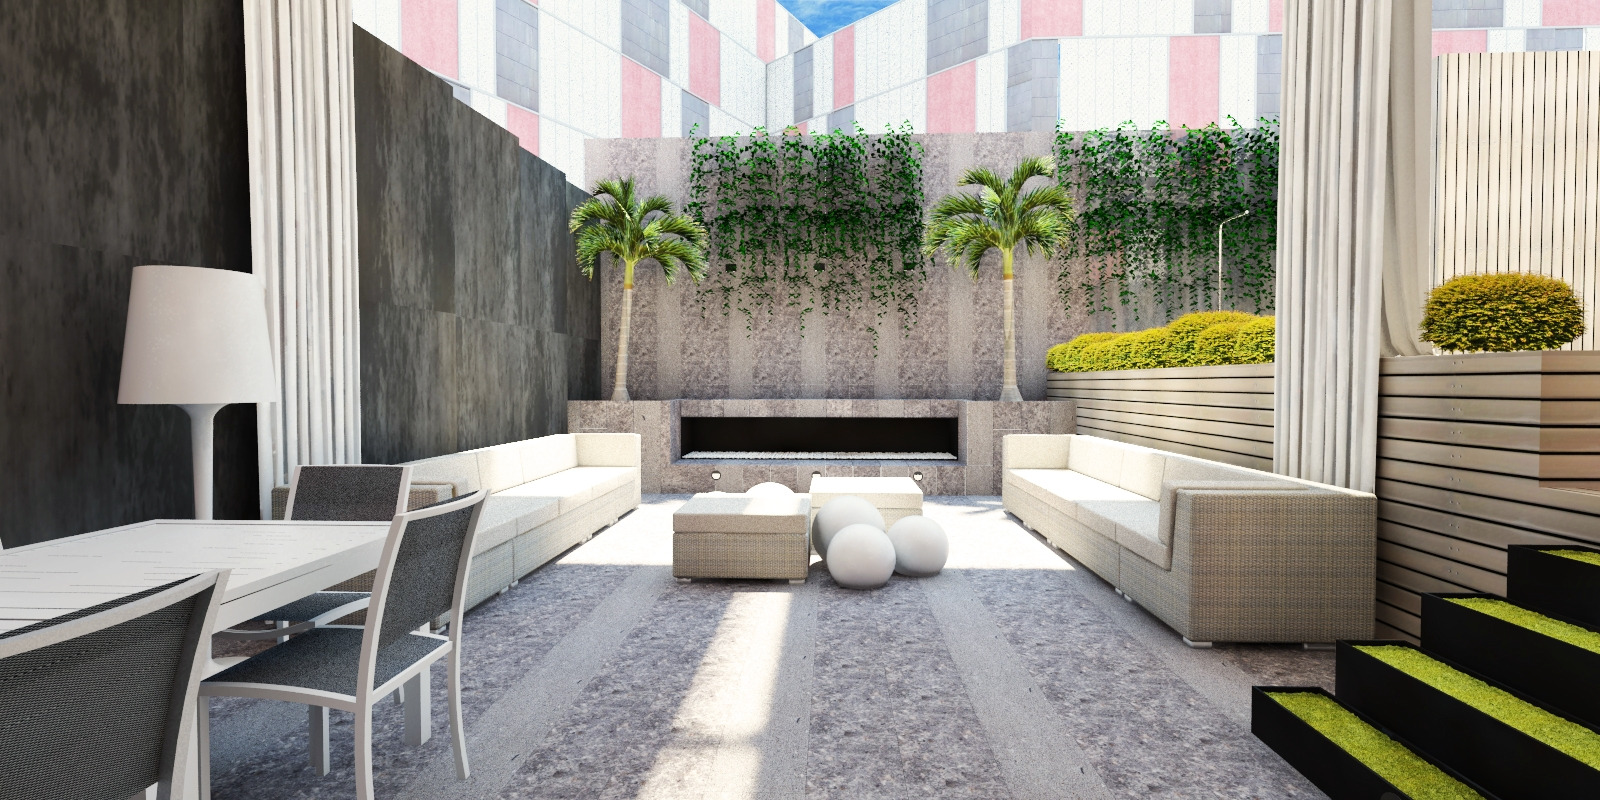 Arquitectura y dise o proyecto en el 22 de barcelona - Diseno de terraza ...